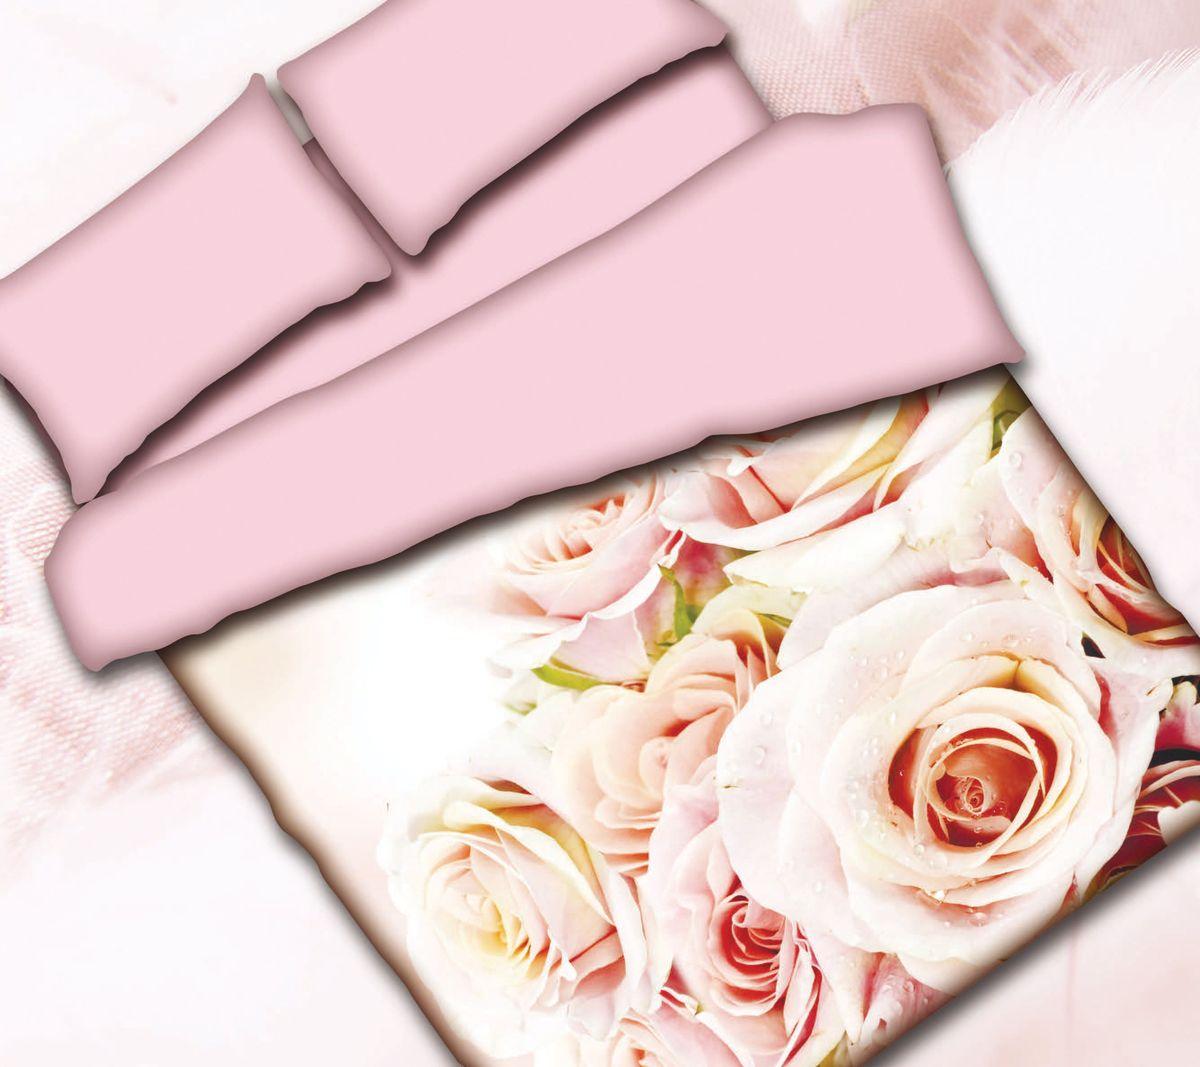 Комплект белья Коллекция Розы, 2,5-спальный, наволочки 70x70. СРП2,5/70/ОЗ/розыСРП2,5/70/ОЗ/розыКомплект постельного белья Коллекция прекрасно украсит любой интерьер. Выполнен из сатина. Сатин - это гладкая и прочная ткань, которая своим блеском, легкостью и гладкостью очень похожа на шелк. Ткань практически не мнется, поэтому его можно не гладить. Он практичен, так как хорошо переносит множественные стирки. Комплект включает в себя: простыню 240 х 224 см, пододеяльник 200 х 220 см,2 наволочки 70 х 70 см.